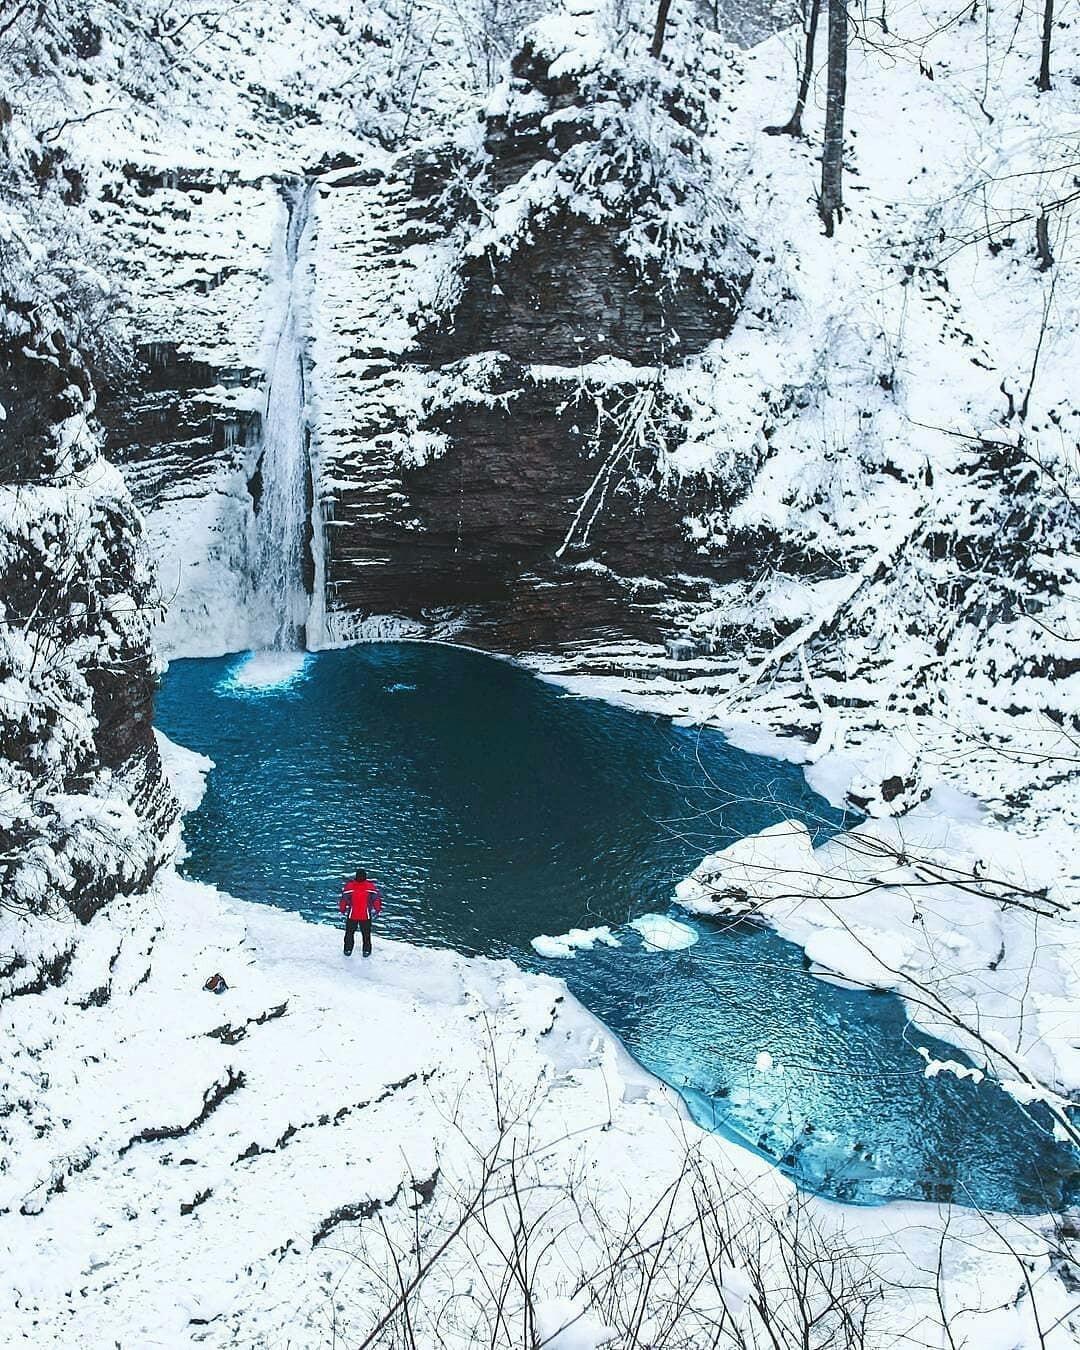 Водопад Руфабго, Республика Адыгея @sohranis | Пикабу